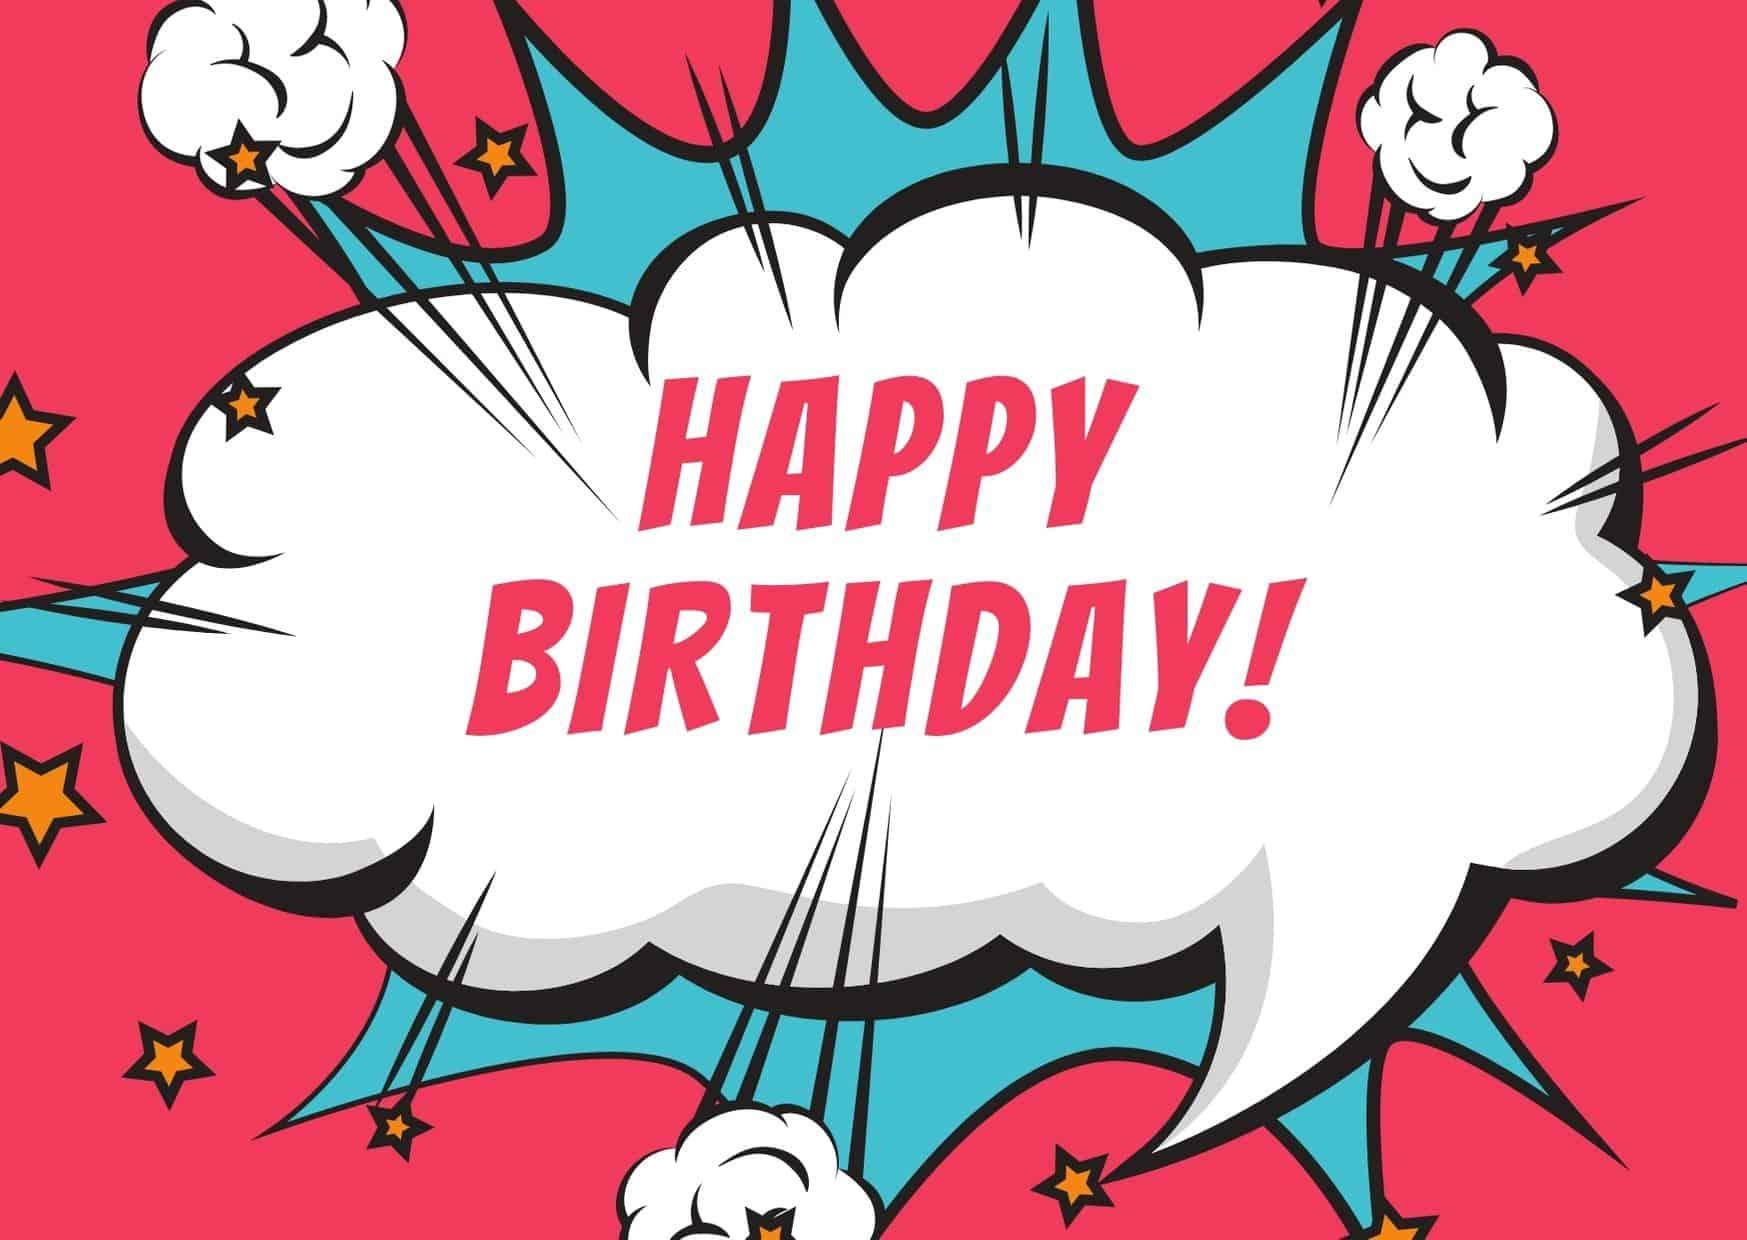 Kurze Glückwünsche zum 10. Geburtstag